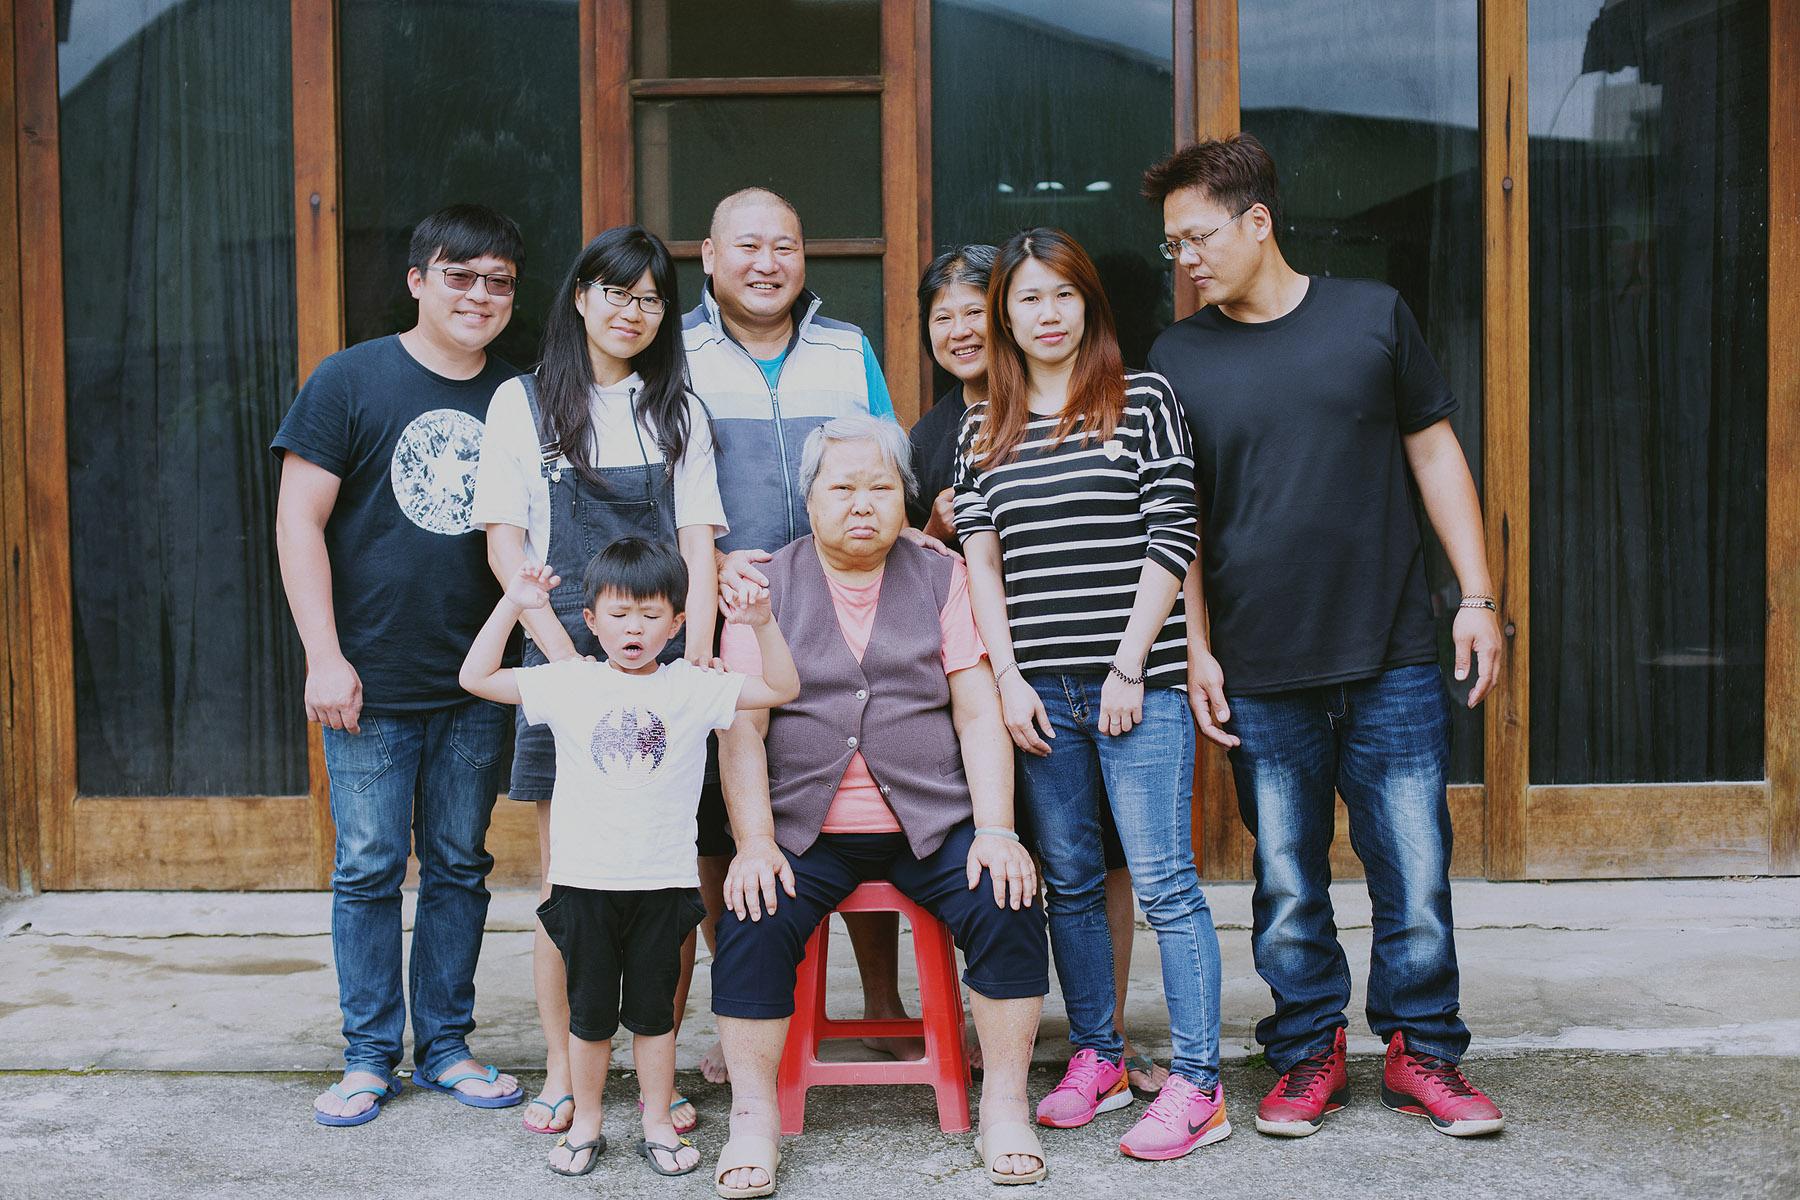 家庭寫真,兒童寫真,親子寫真,兒童攝影,全家福照,桃園,台北,新竹,推薦,自然風格,生活風格,居家風格